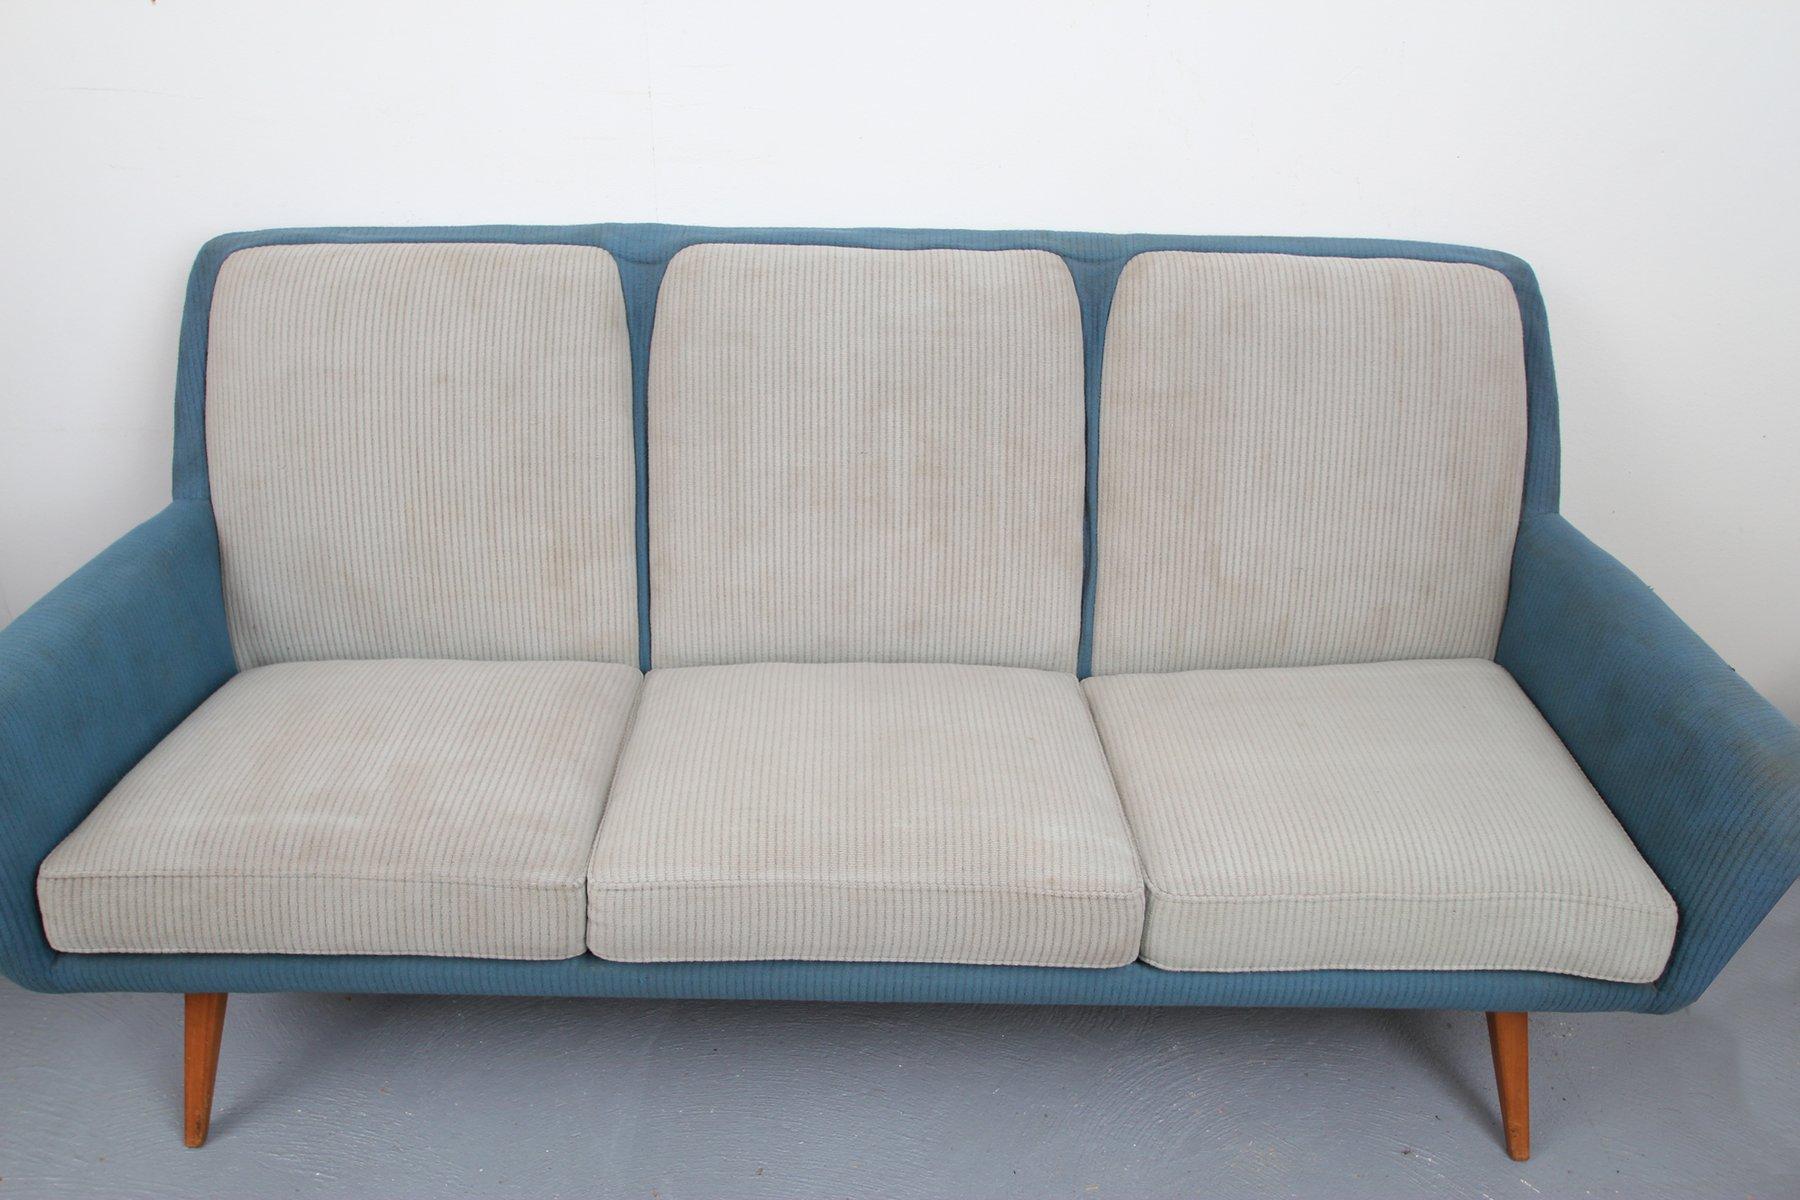 Divano blu e grigio chiaro, anni \'50 in vendita su Pamono